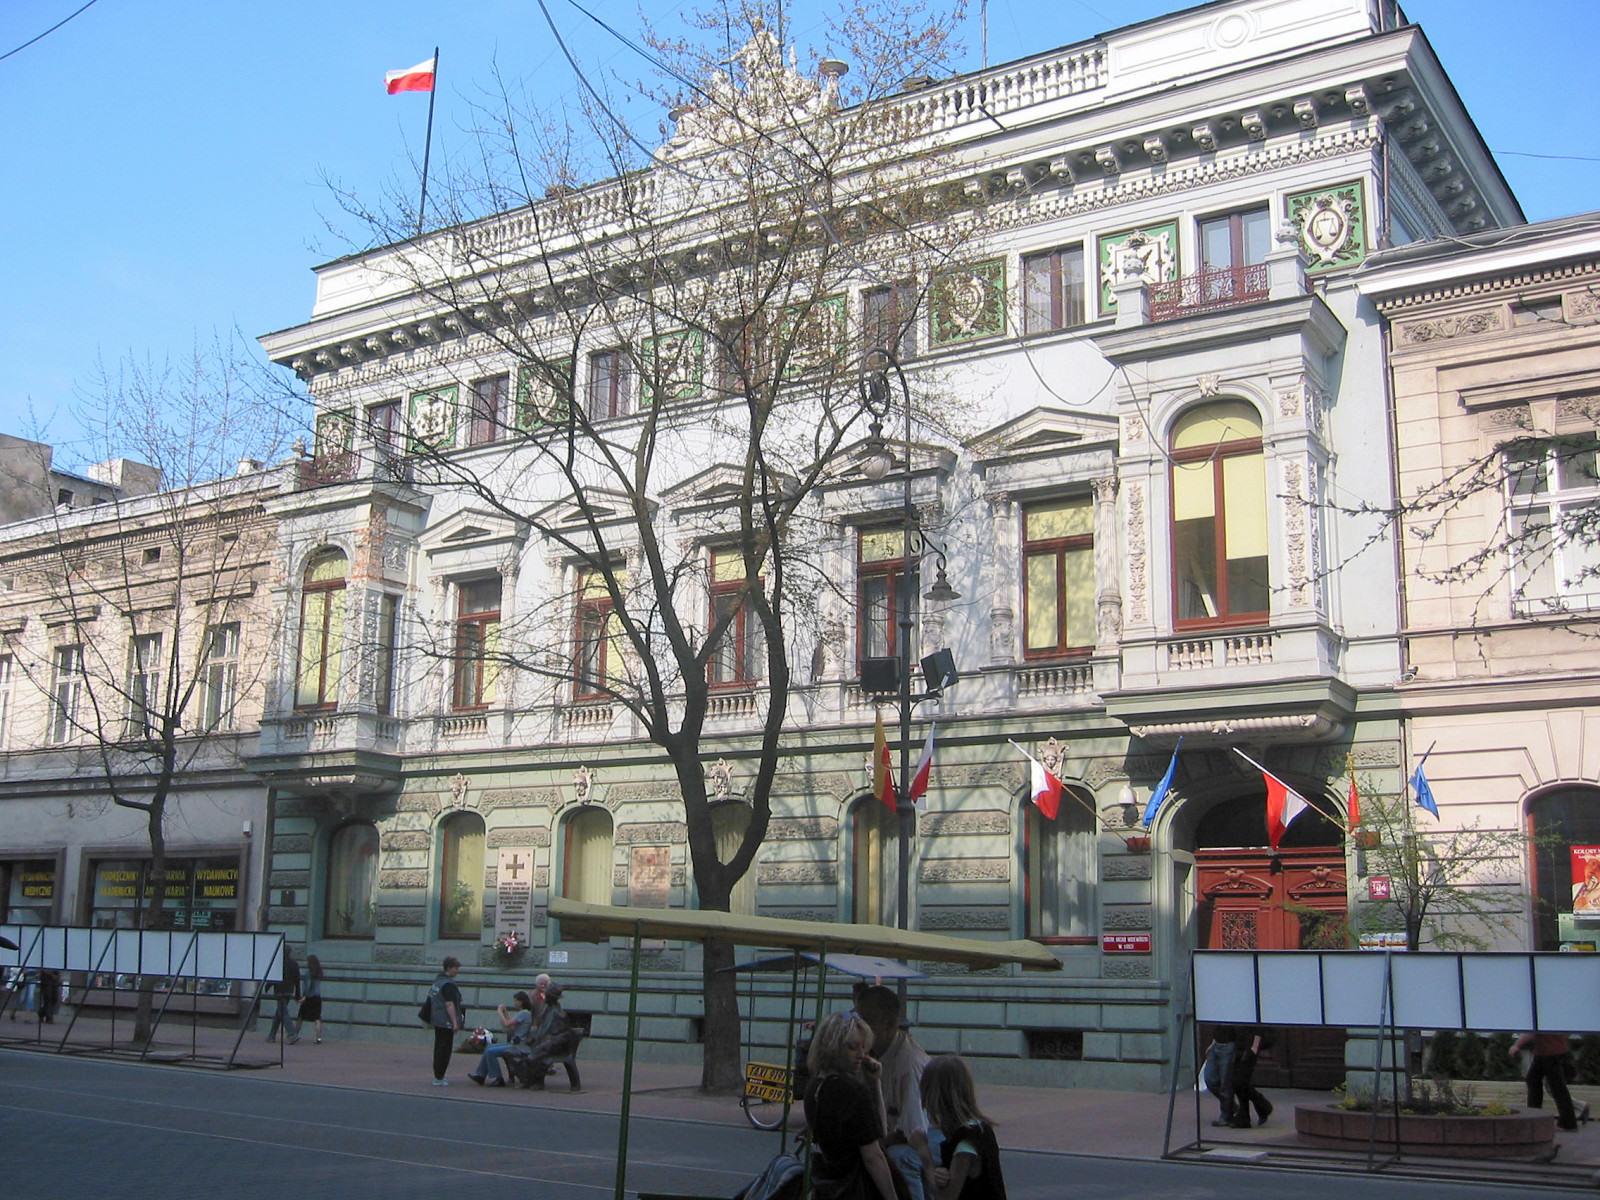 Urząd Miasta Łodzi. fot: Polimerek / Wikimedia Commons CC BY-SA 3.0